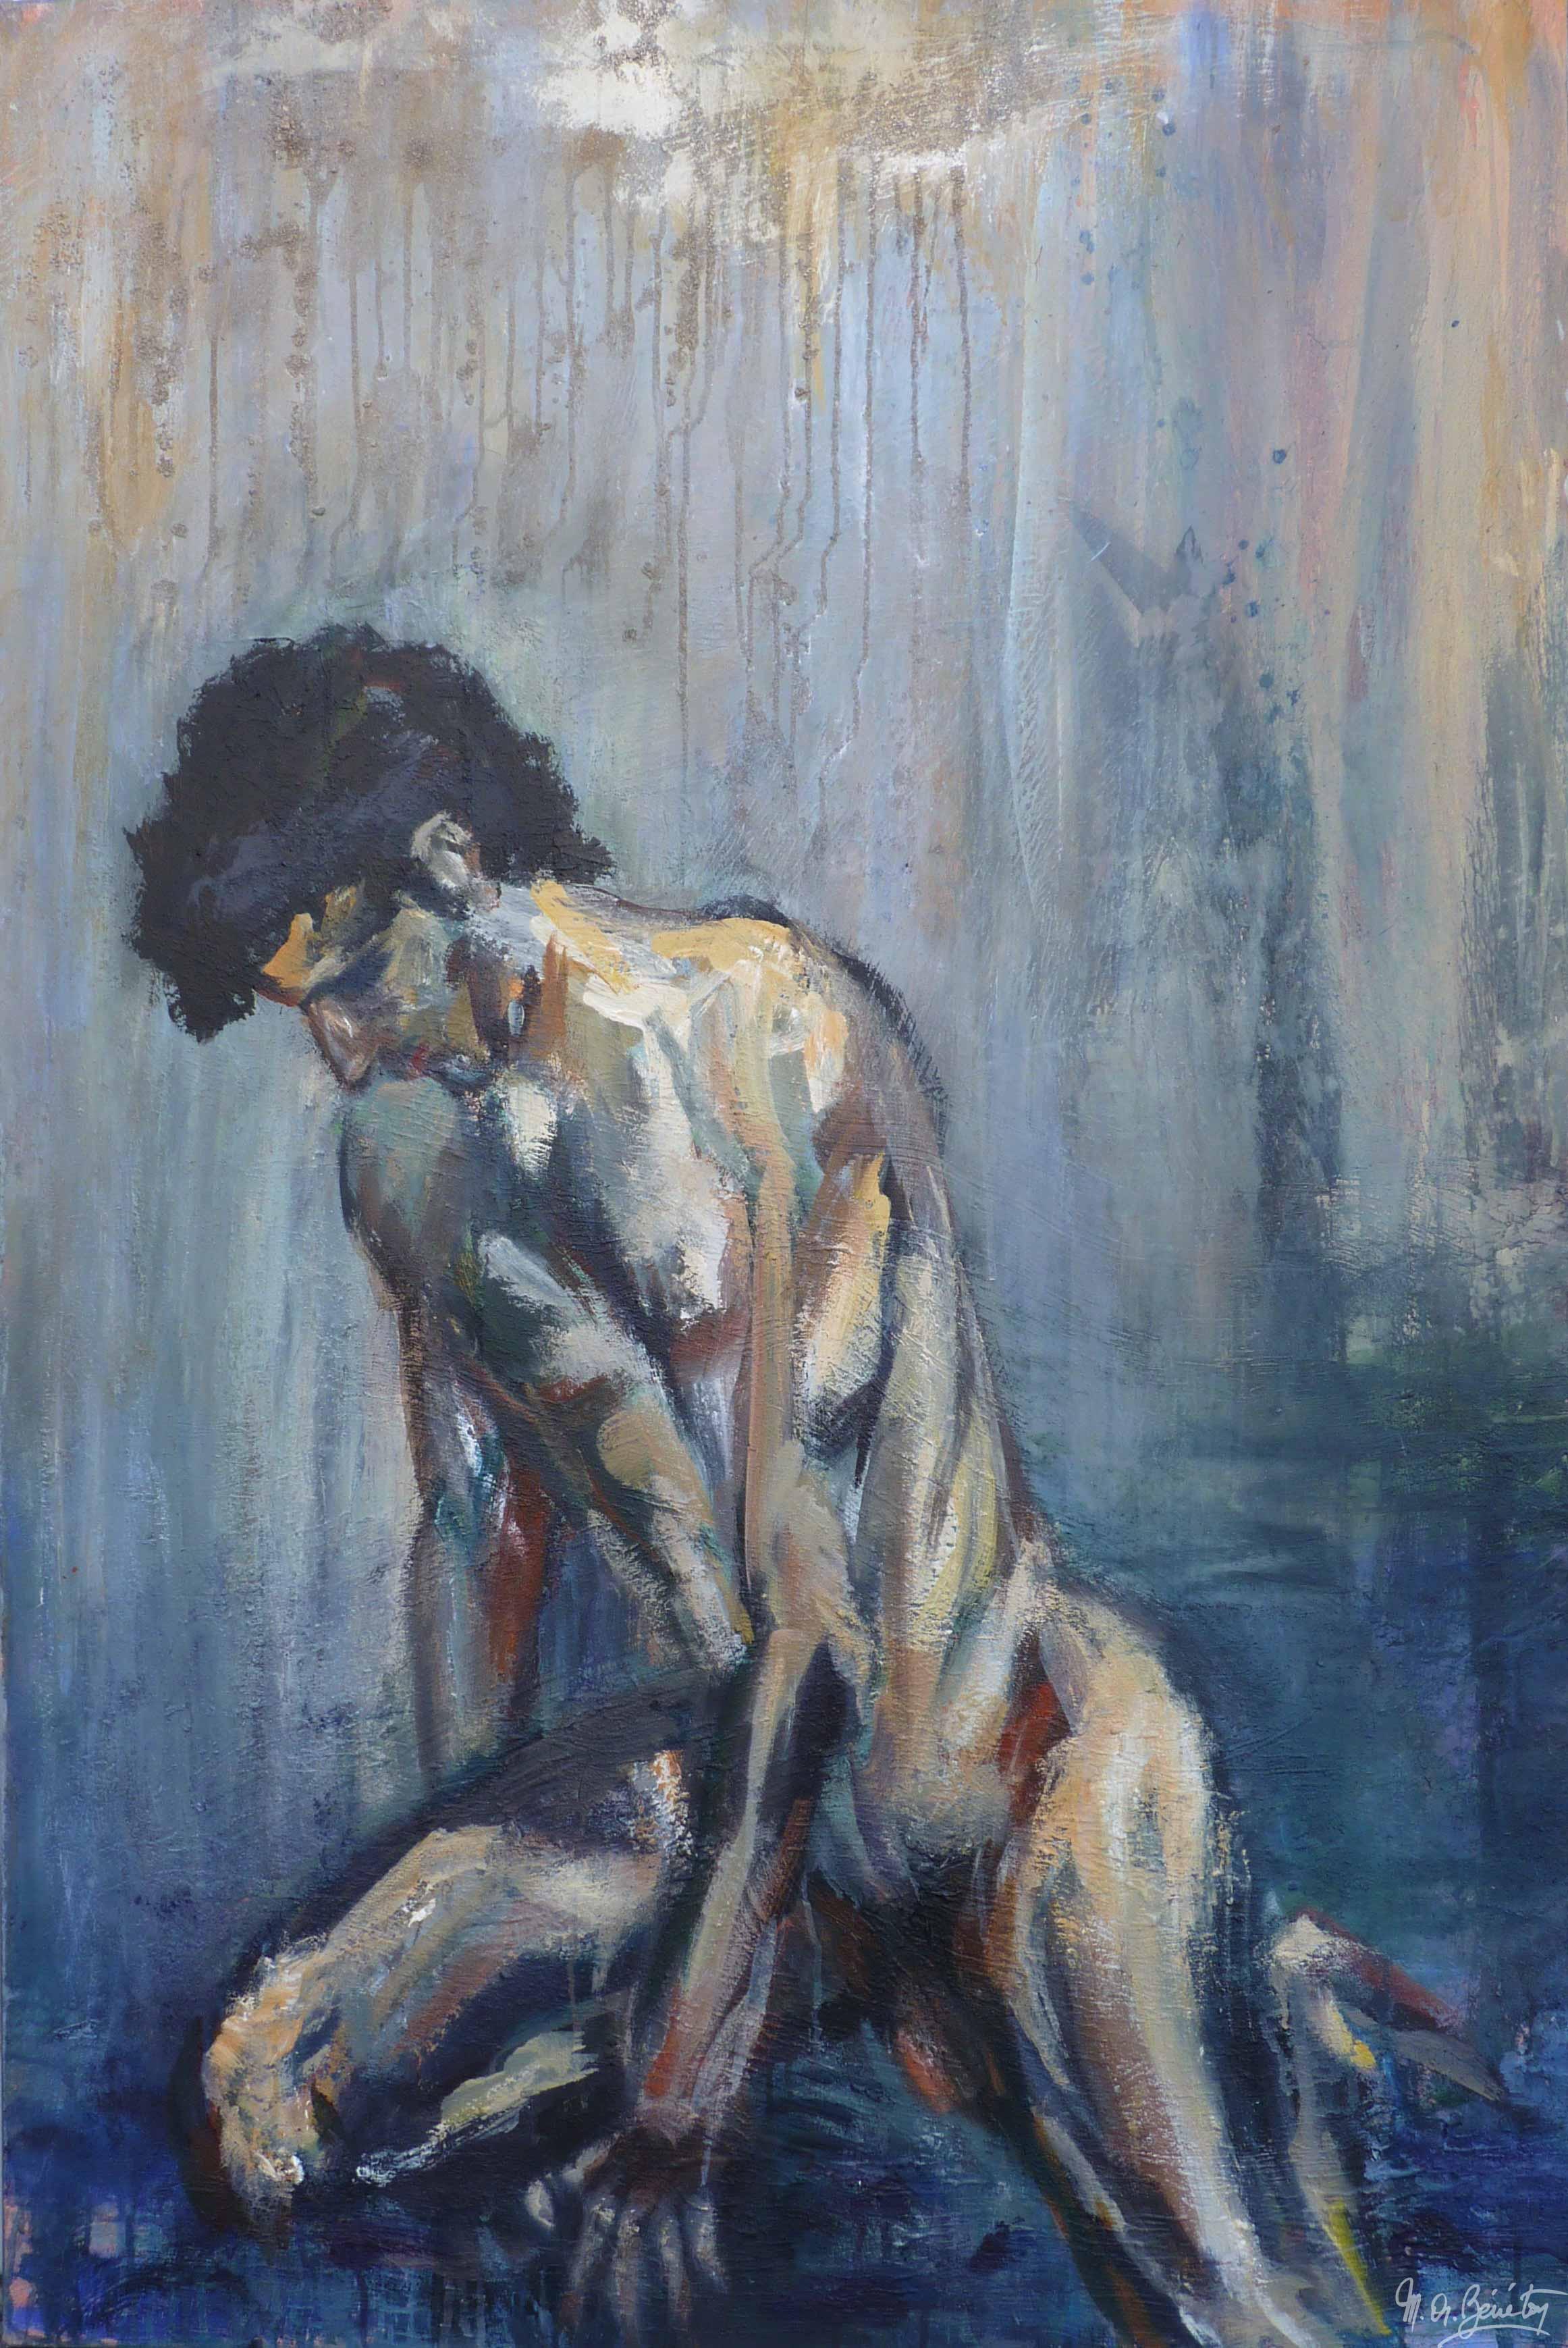 Homme nu #4 - Acrylique sur toile - H150 cm * L100 cm